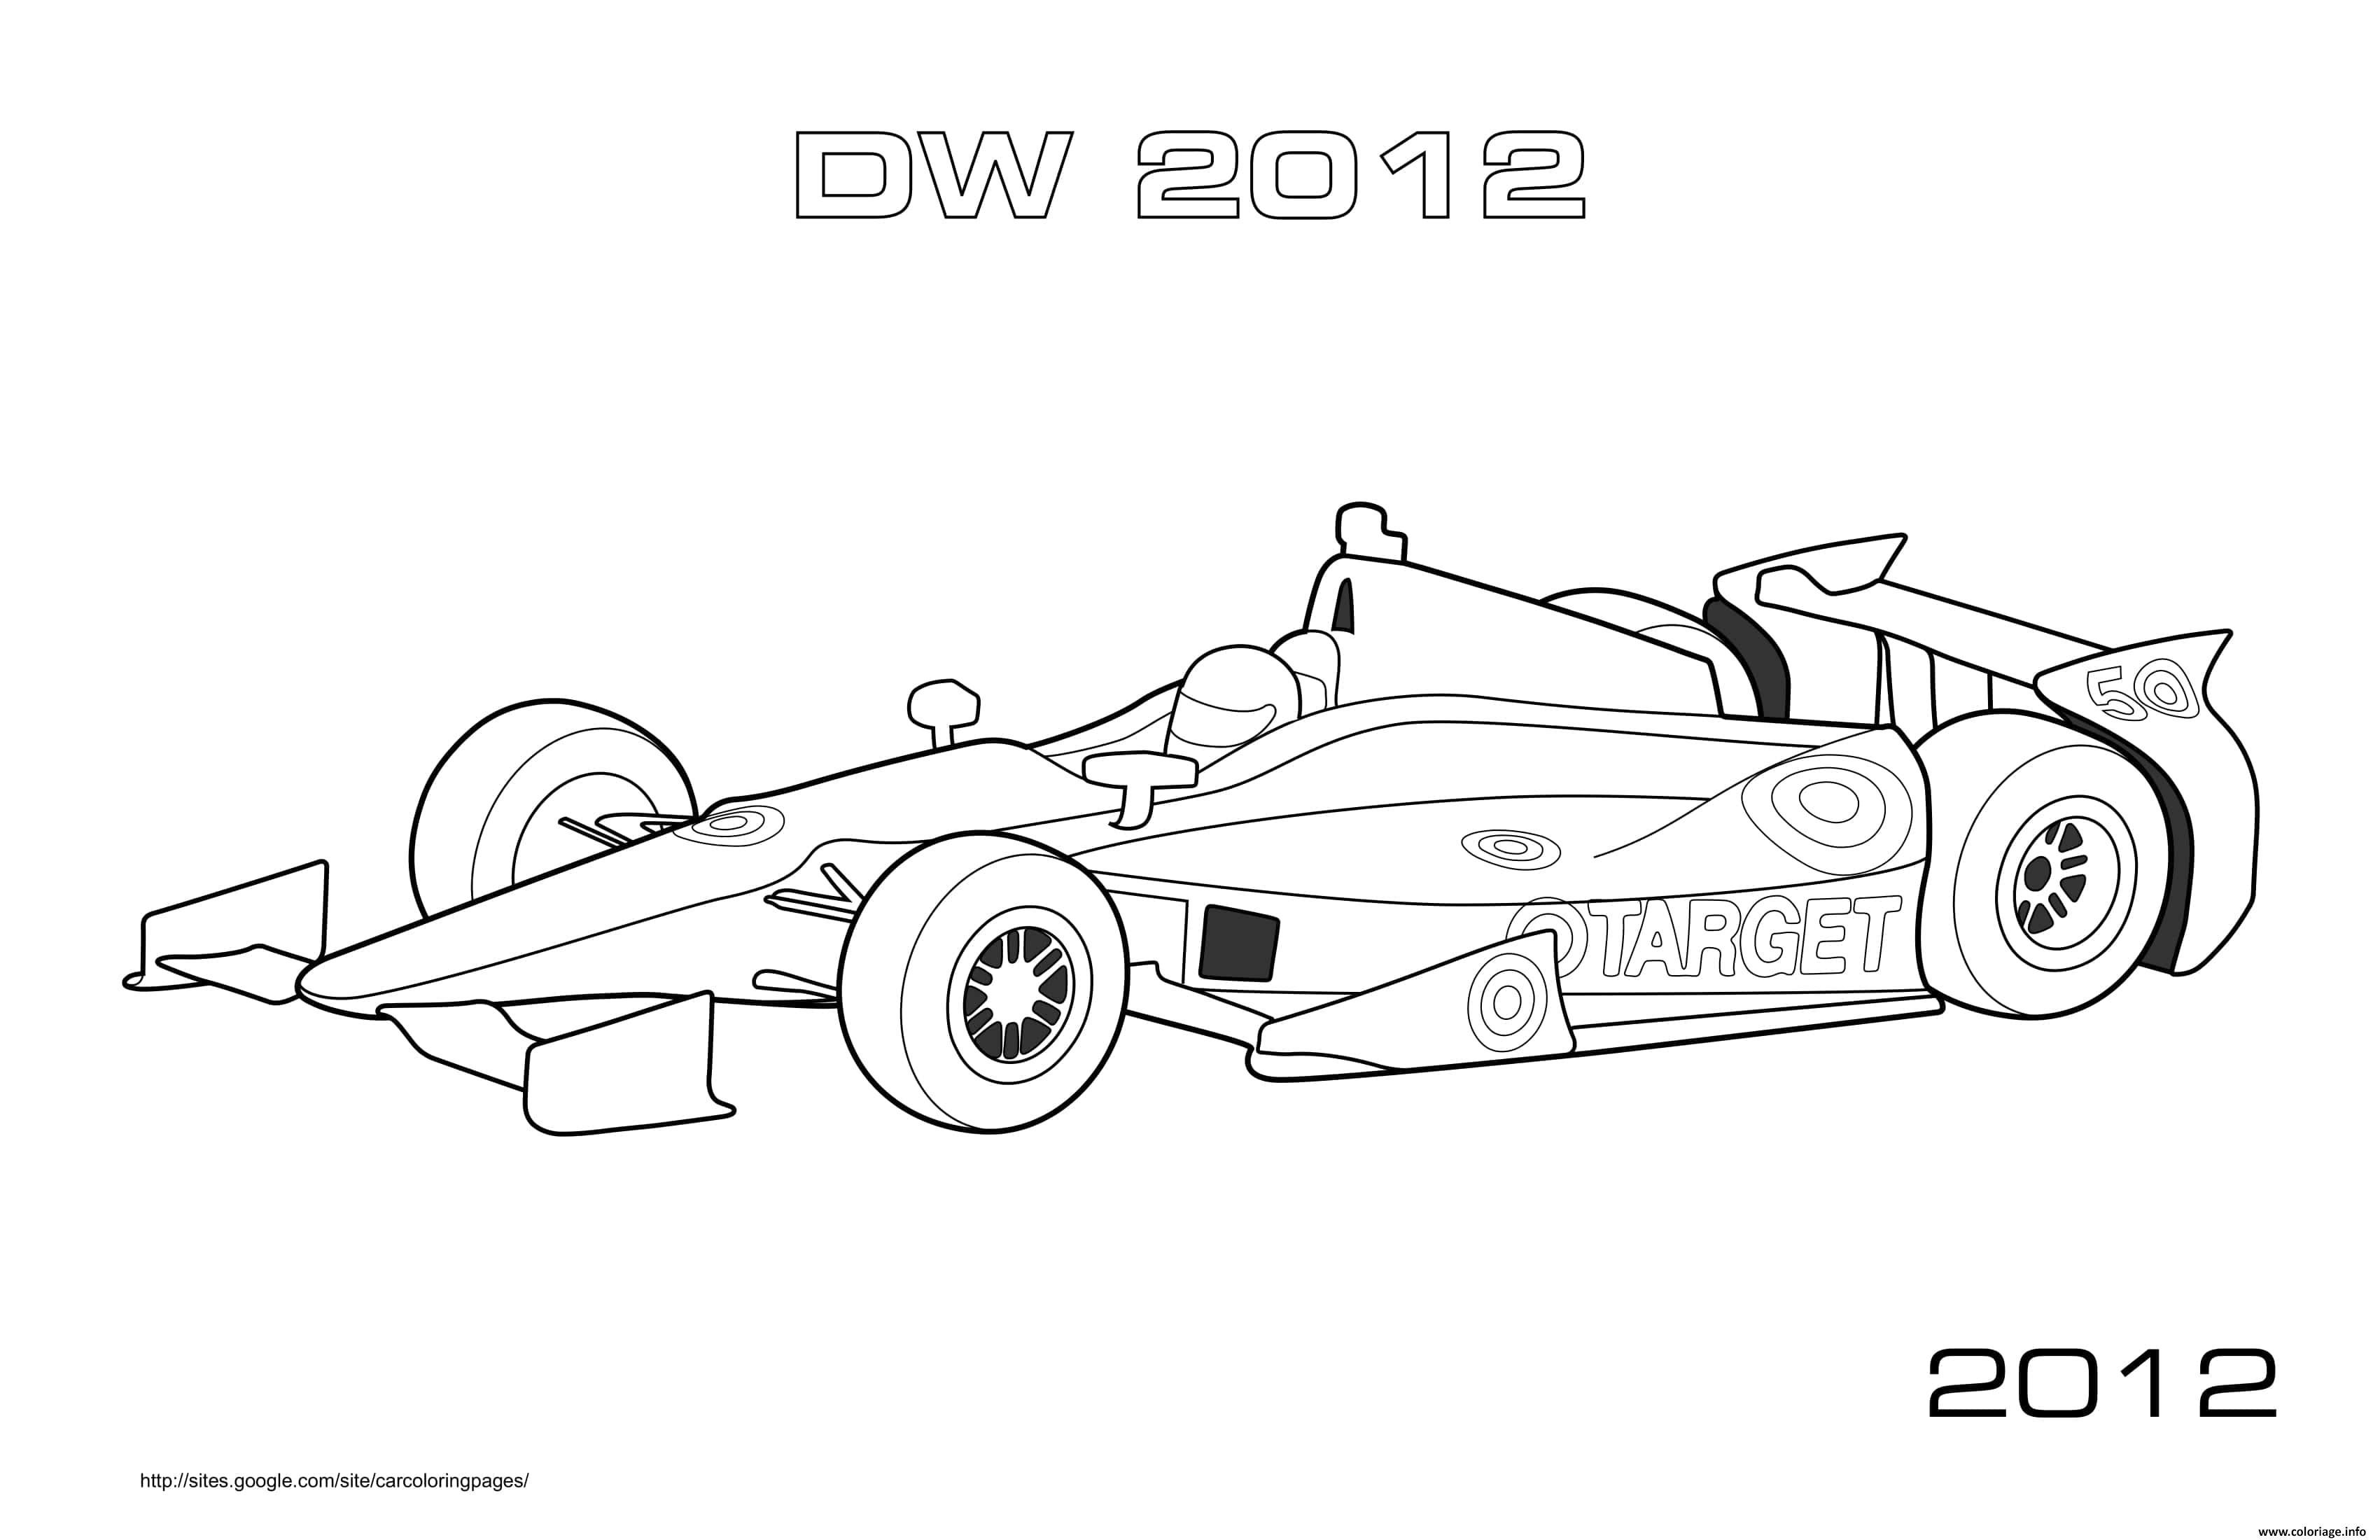 Dessin Formule 1 Dw 2012 Coloriage Gratuit à Imprimer